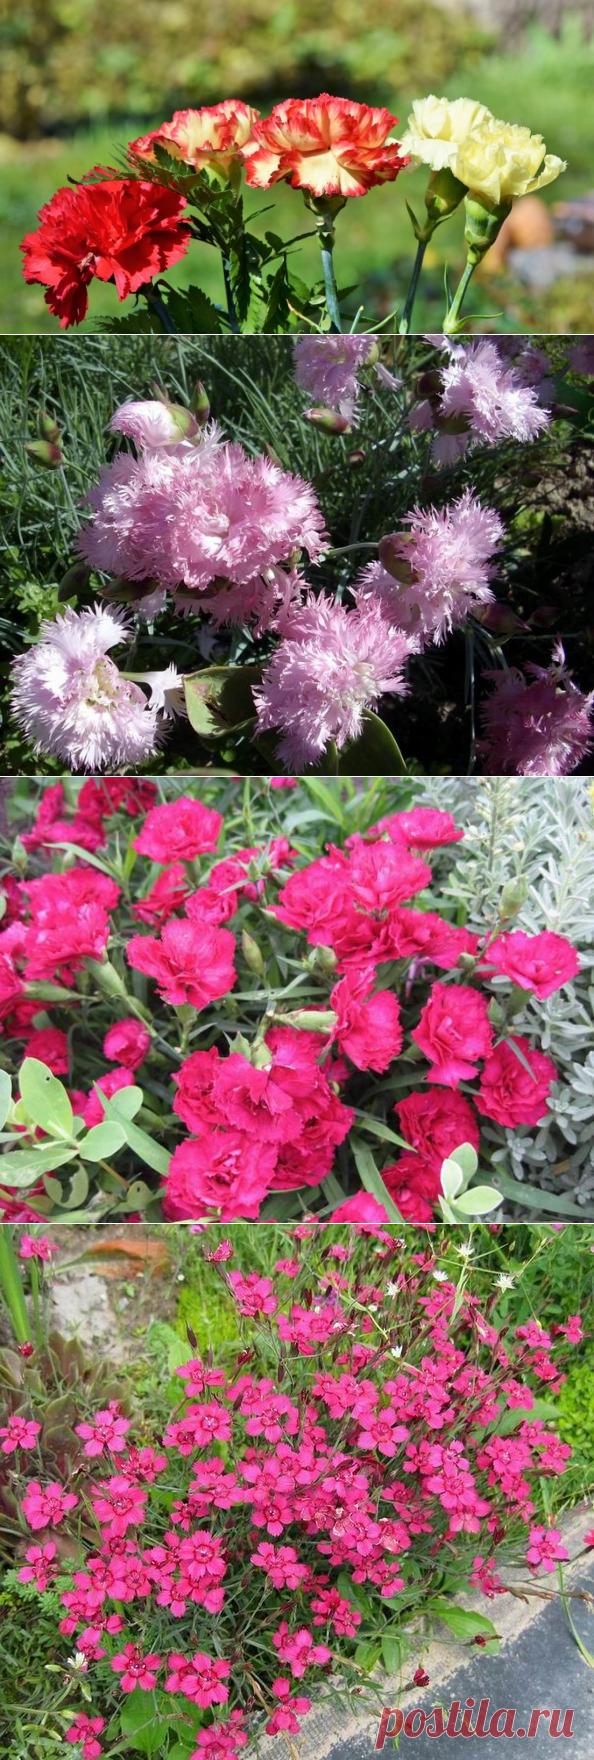 Как выращивать гвоздику в цветнике? Гвоздика перистая, китайская, травянка | Растения